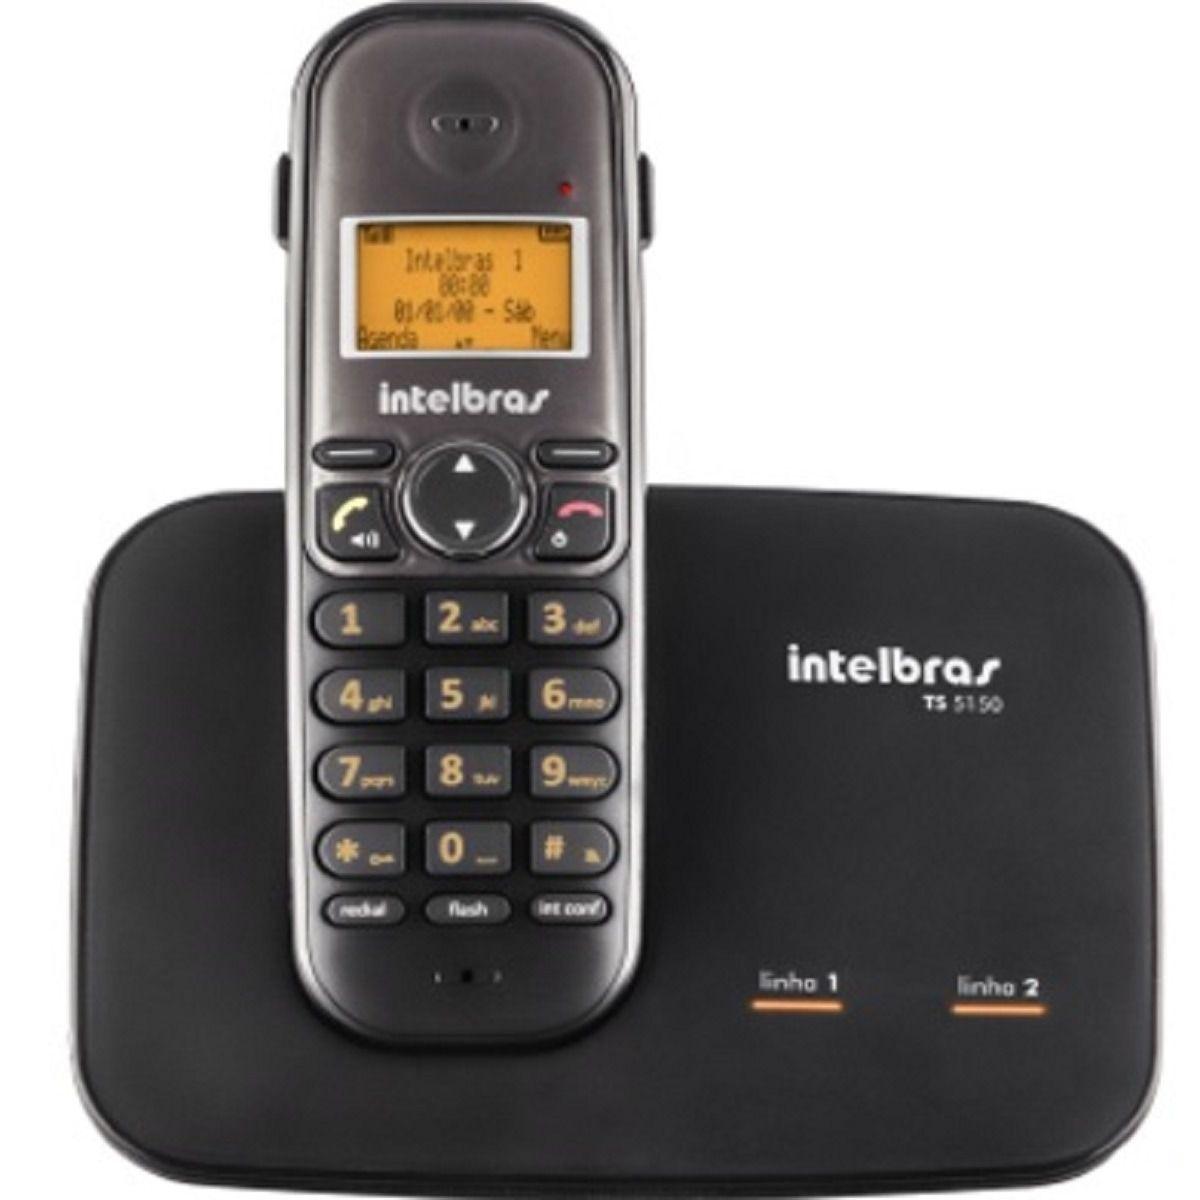 Telefone Sem Fio Intelbras TS 5150 Preto 2 Linhas Viva Voz